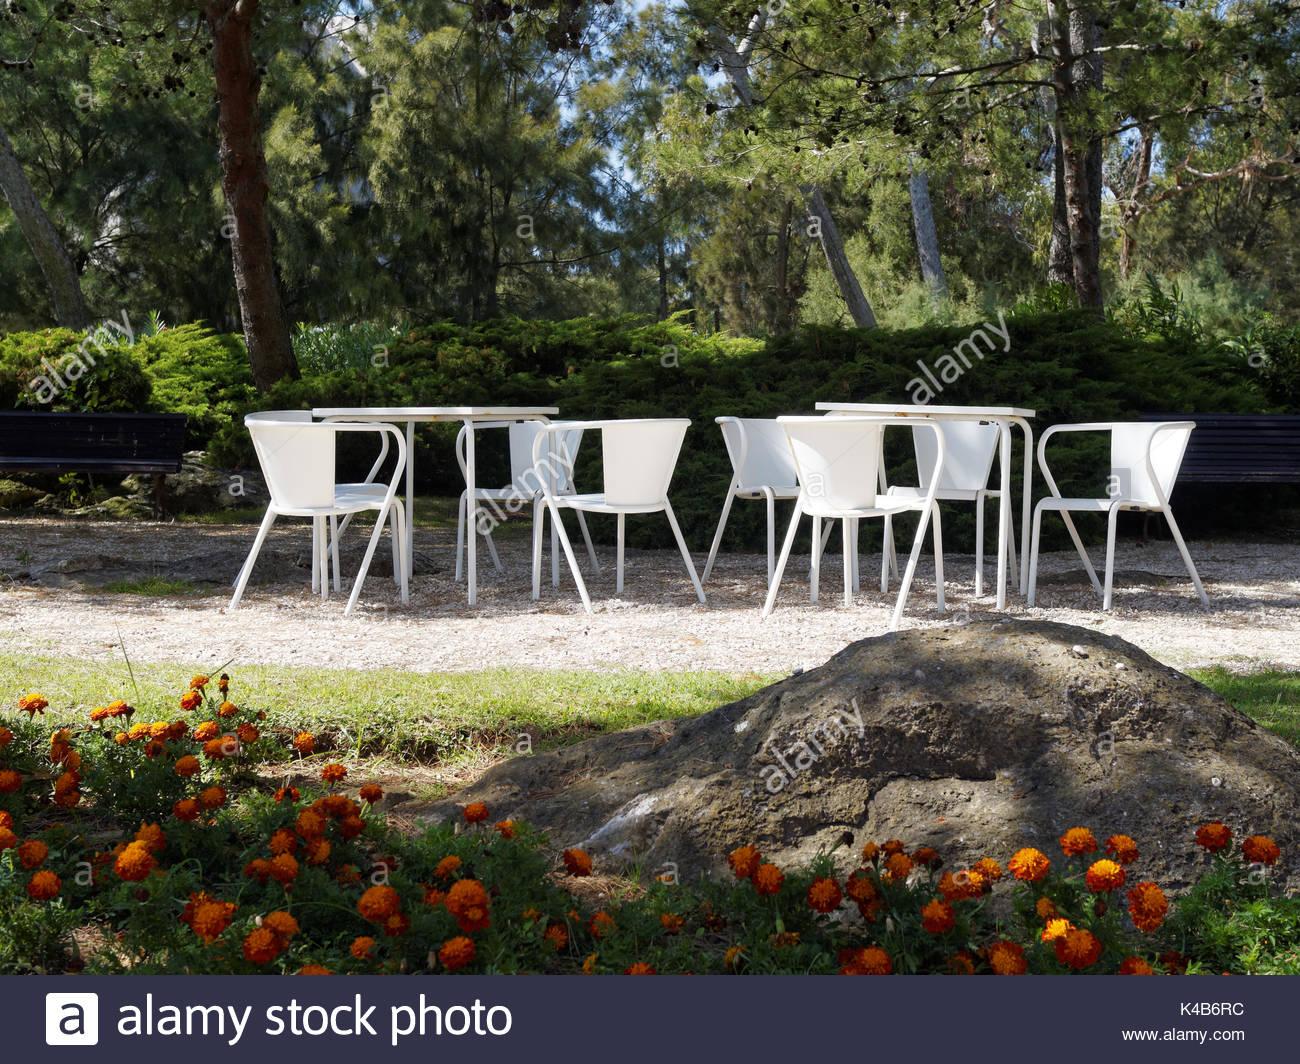 White garden furniture  Casa de Santa Maria  Cascais  Portugal   Stock Image. Metal Garden Furniture Stock Photos   Metal Garden Furniture Stock